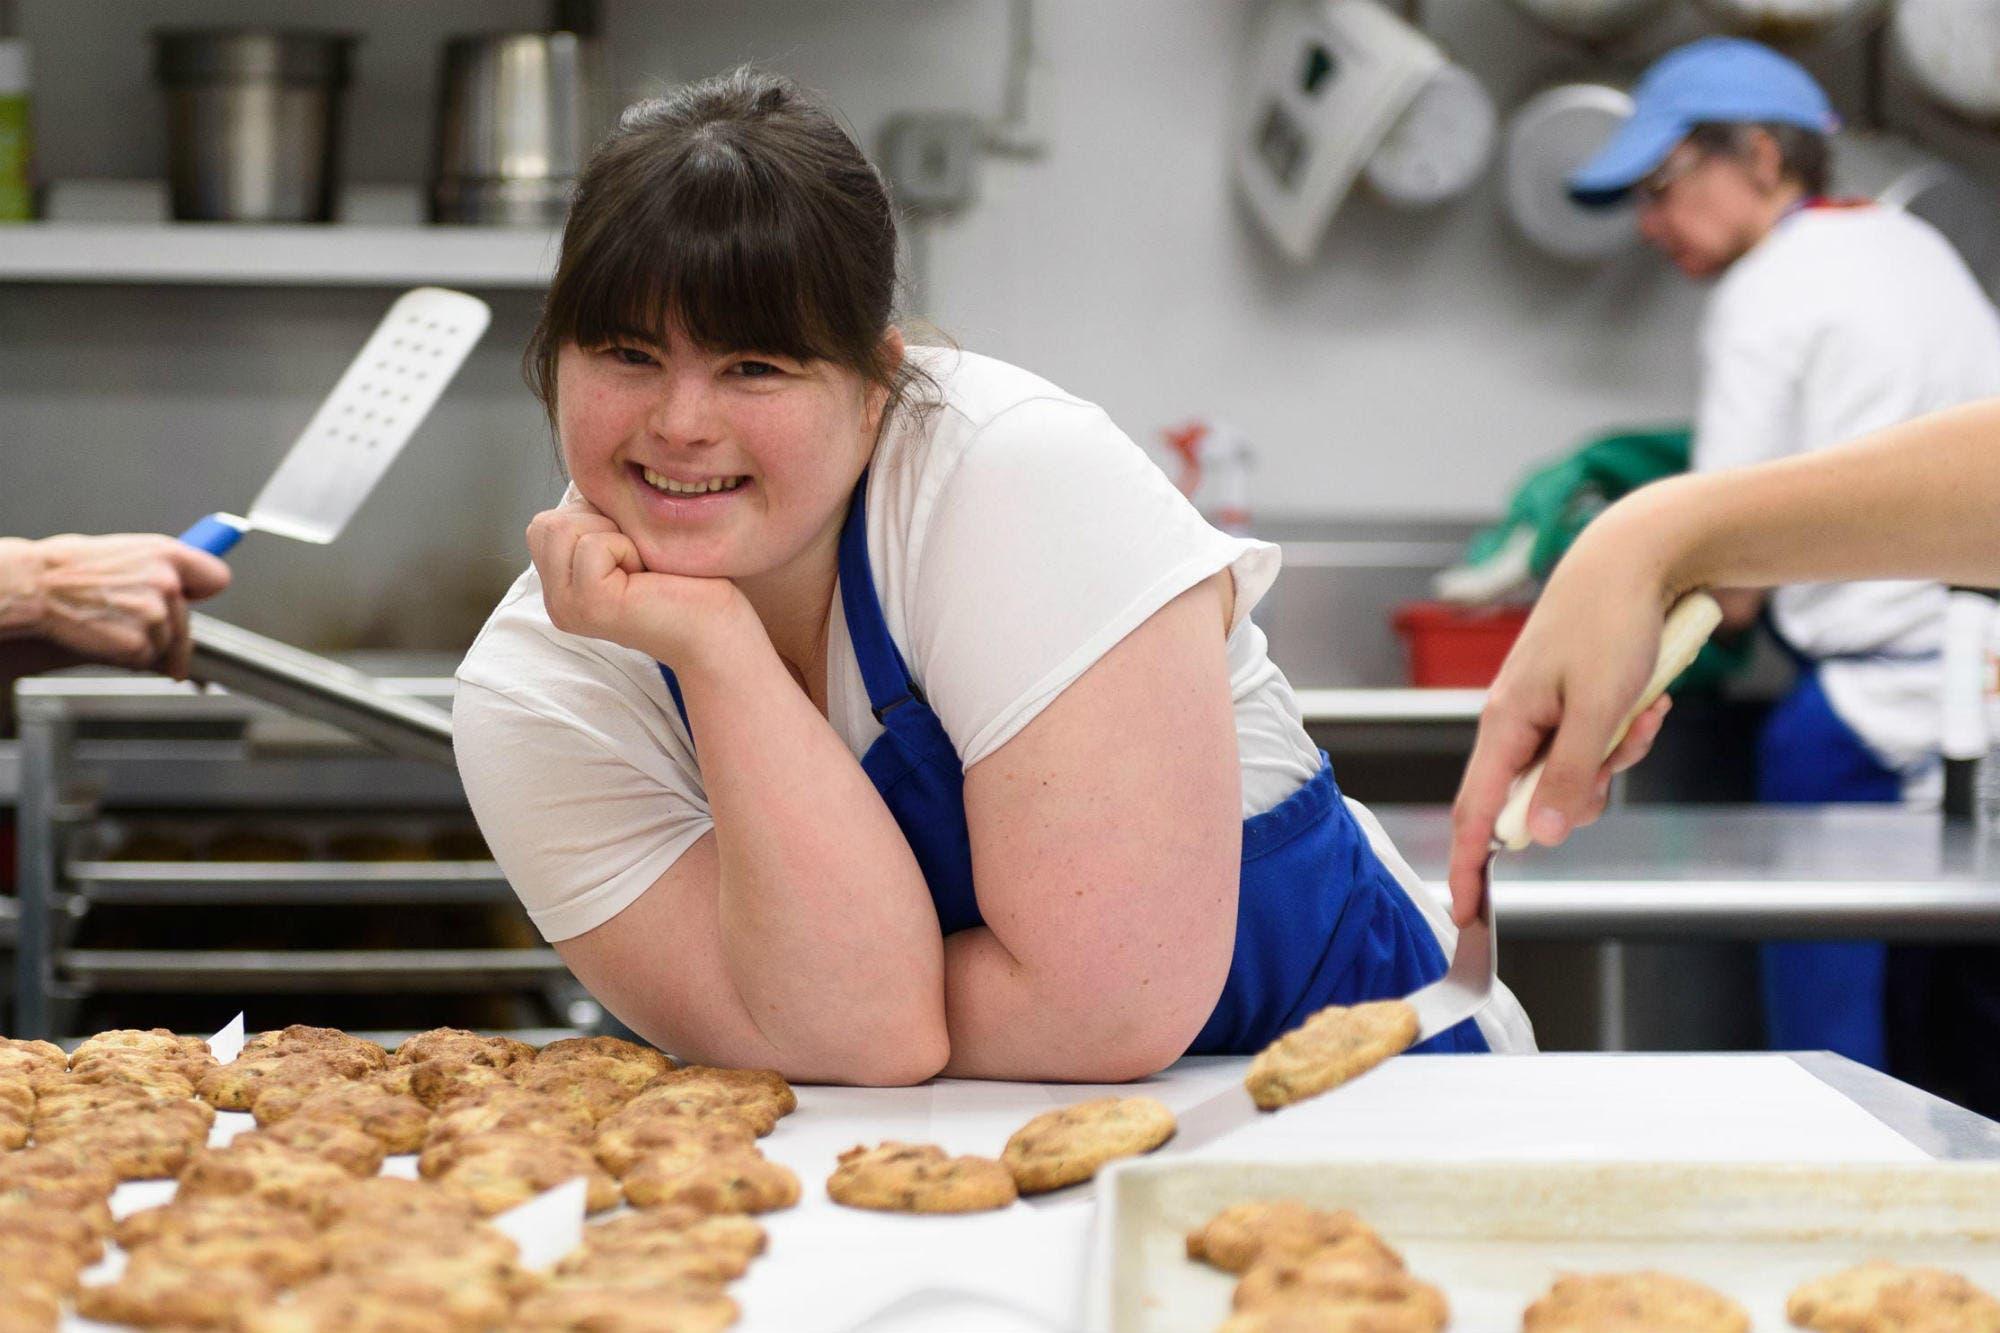 Tiene síndrome de down, no le daban trabajo, abrió su propia panadería y es un éxito